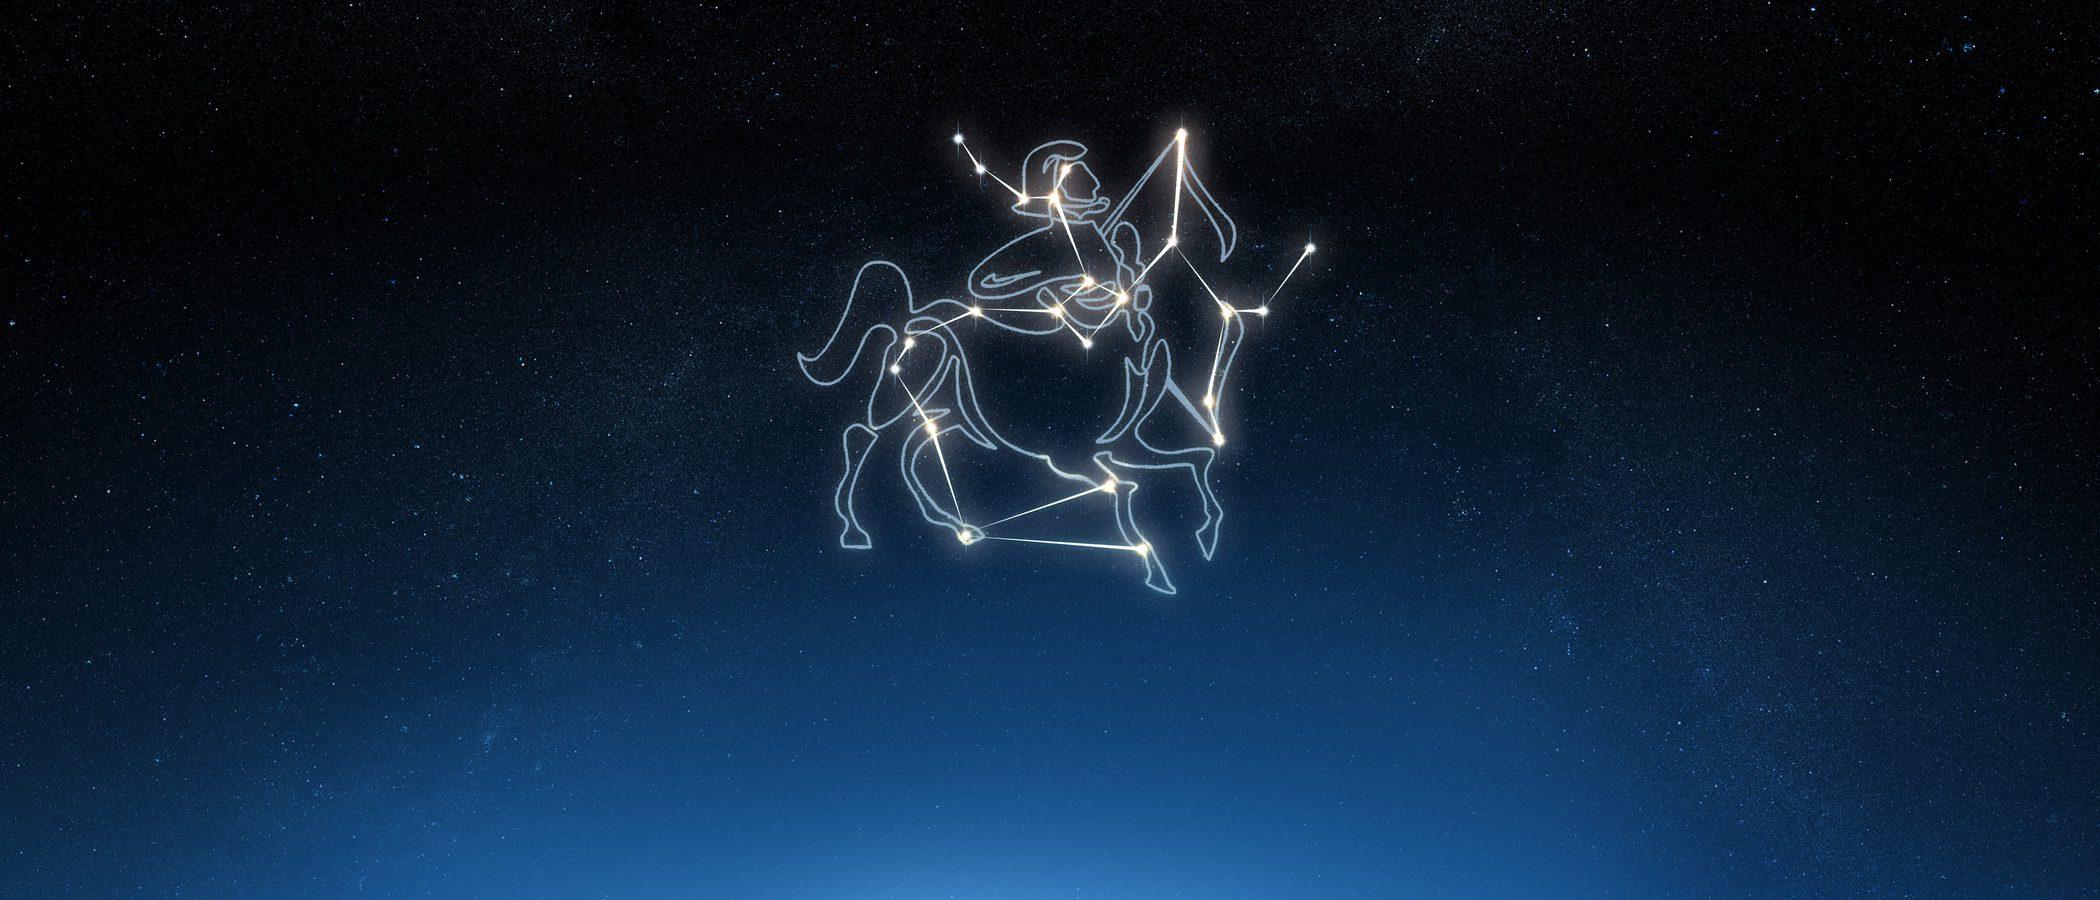 Horóscopo agosto 2016: Sagitario